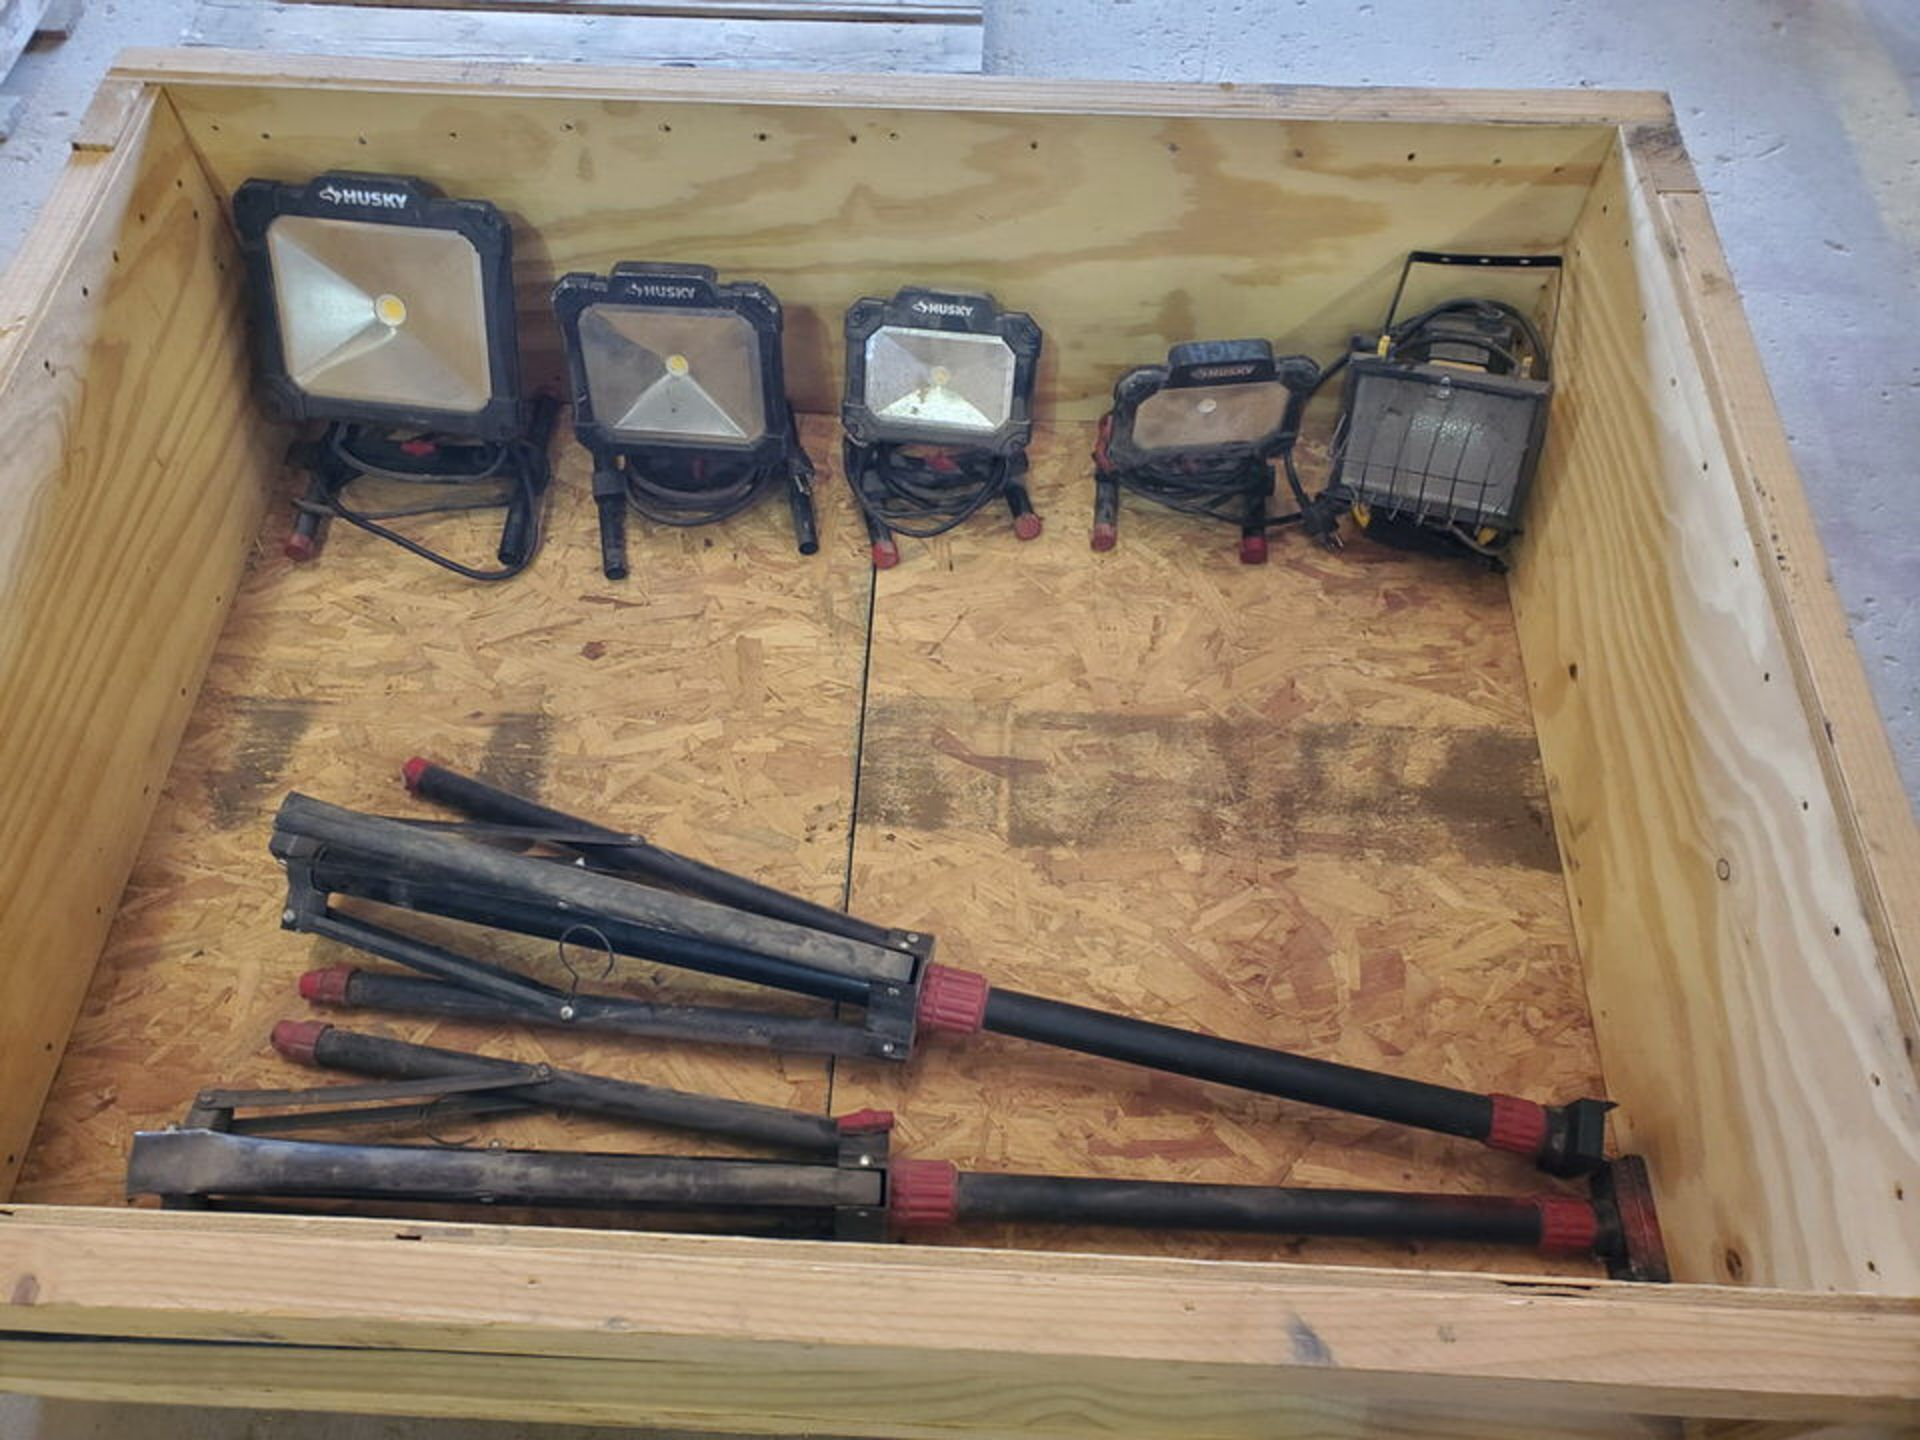 Husky (6) Tripod & Portable Work Lights - Image 2 of 6